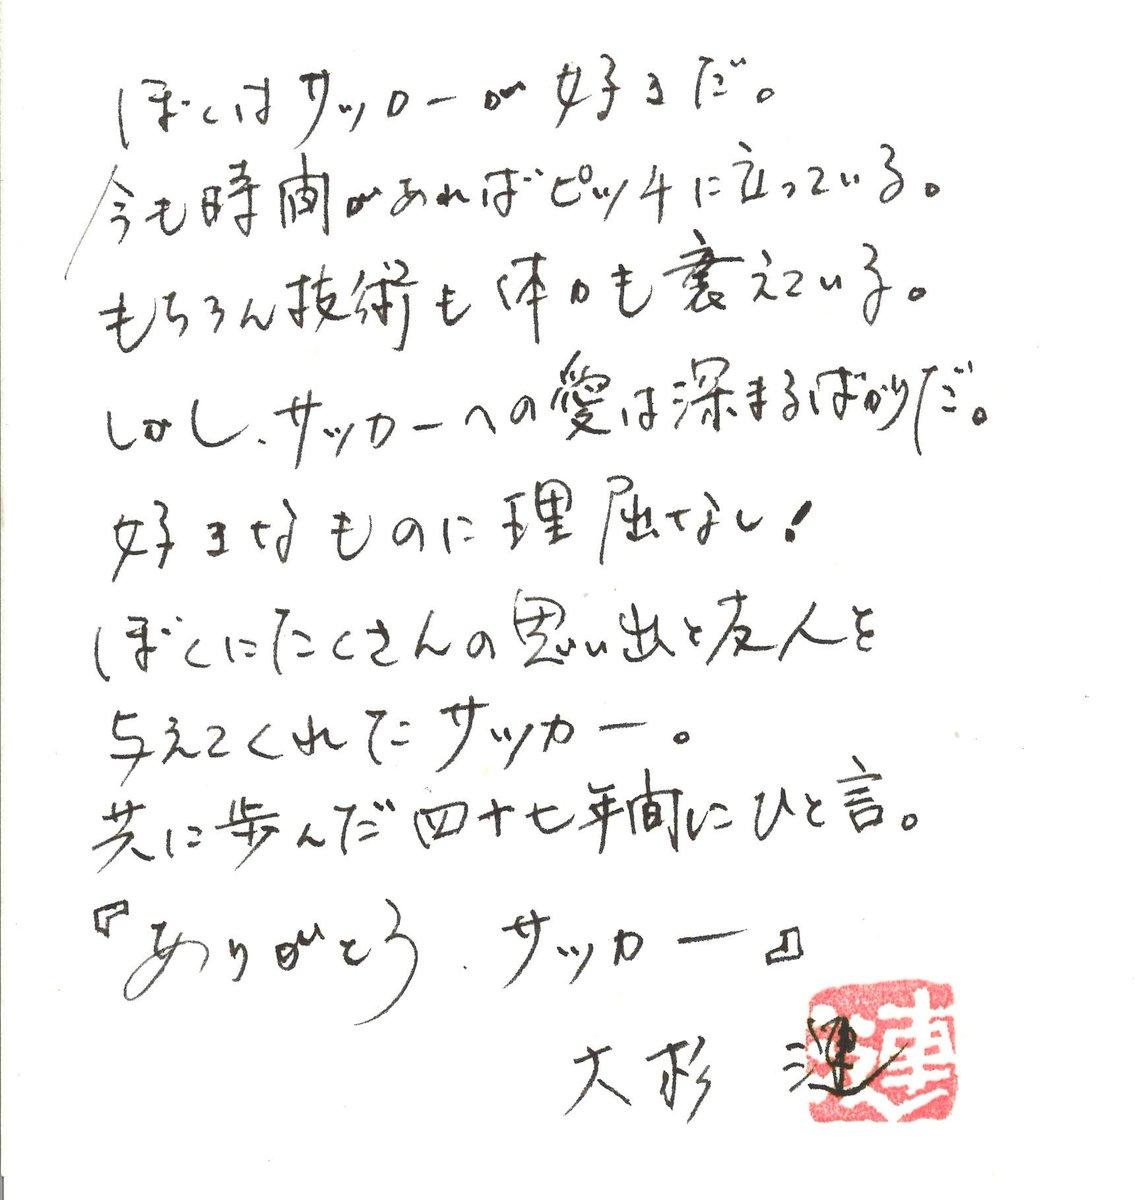 父・大杉漣がサッカーについて書いた文章が出てきた。とてもあの人らしい言葉だと思う。サッカーを愛し、サッカーから元気をもらっていた。楽しみにしていたワールドカップ開幕。あなたの想いと写真はロシアへ。日本代表を全力で応援します!!共に。